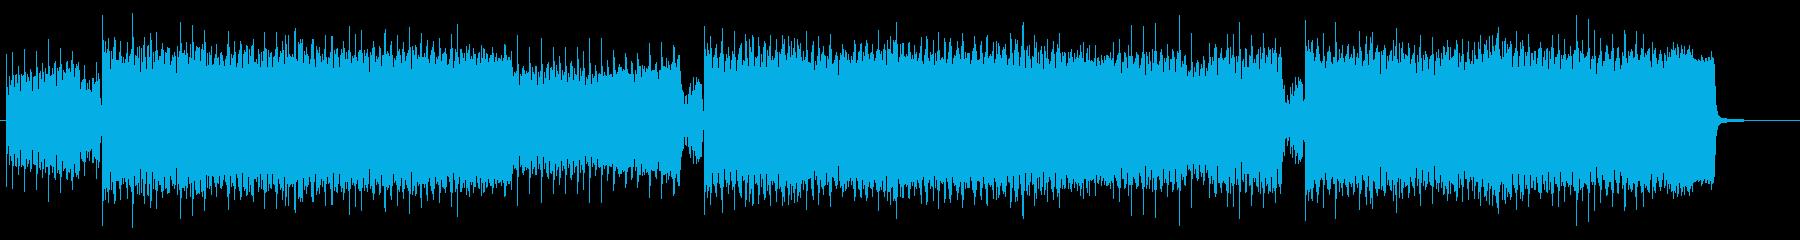 カノン進行の明るいハッピーハードコアの再生済みの波形